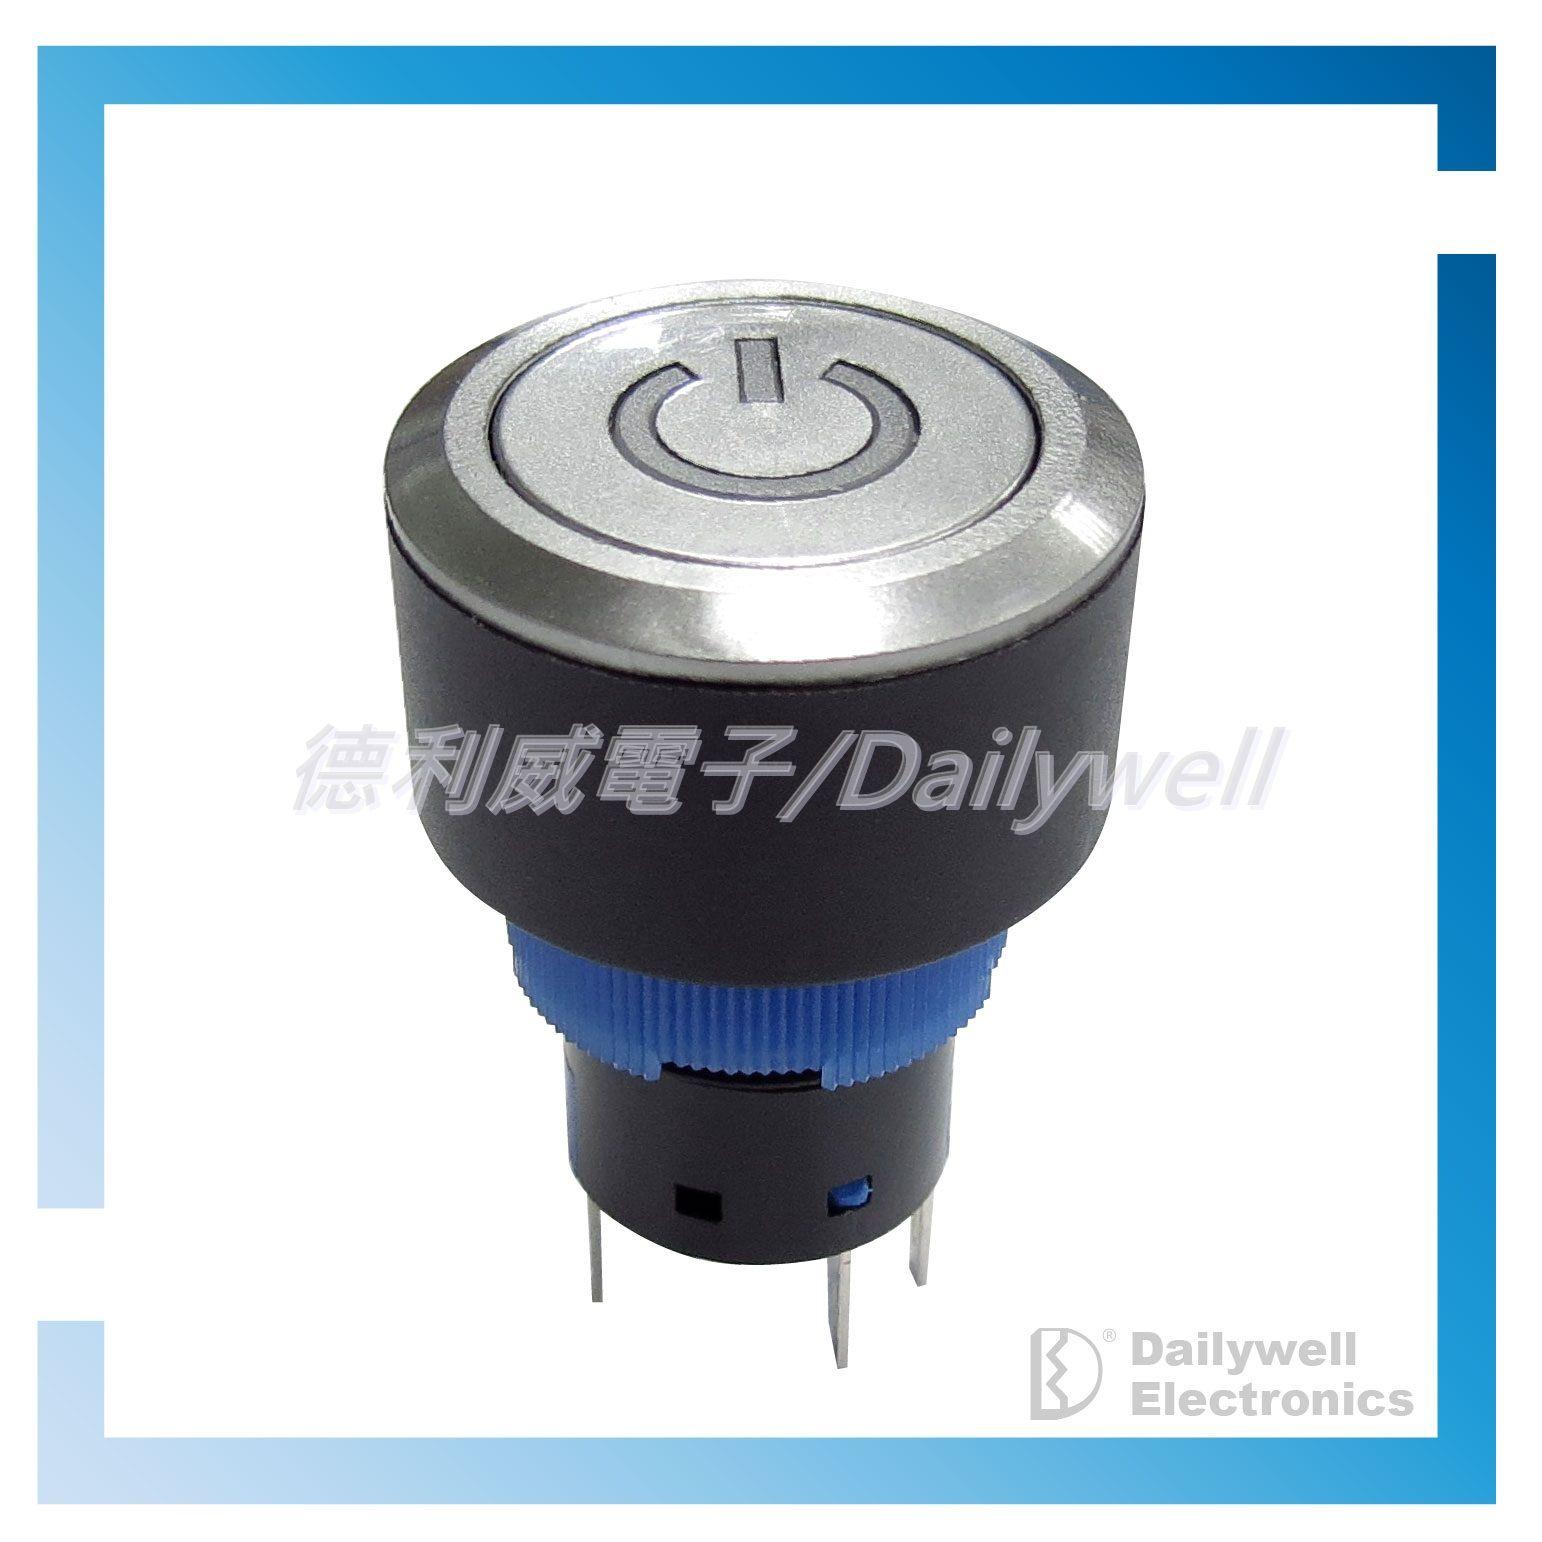 Interruttori a pulsante illuminati da 22 mm